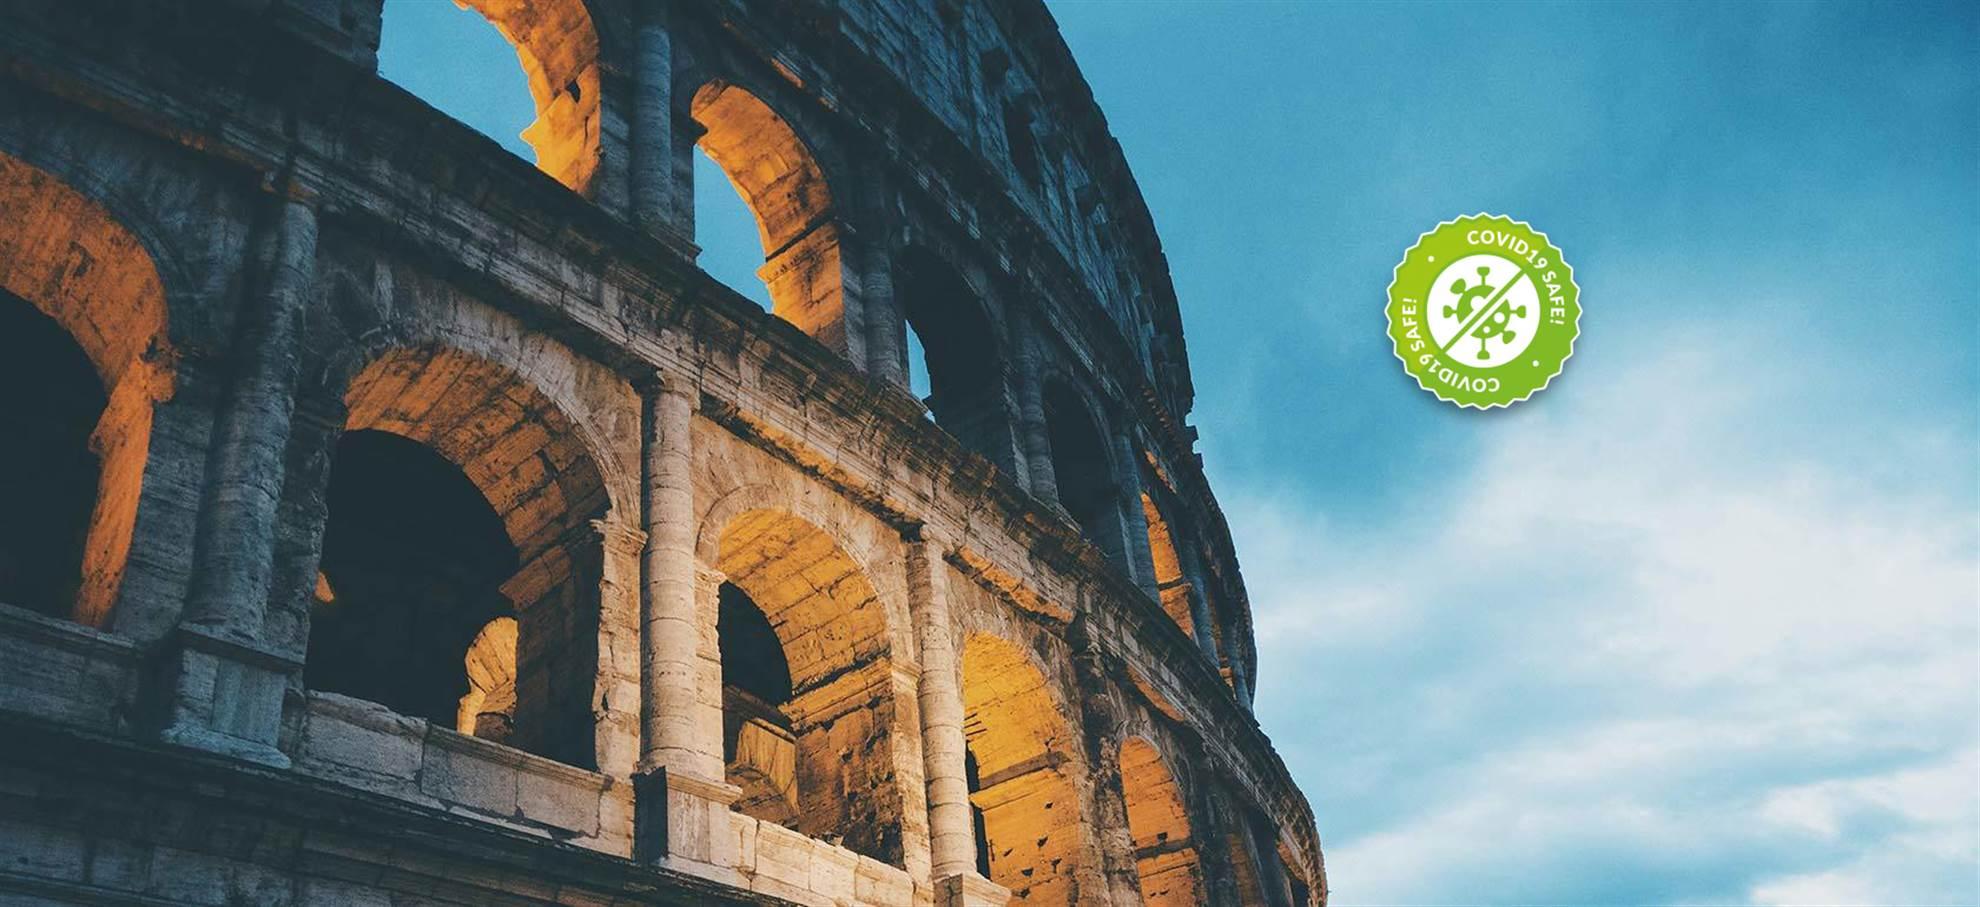 Colosseum Skip the Line Incl. Videoguide tour